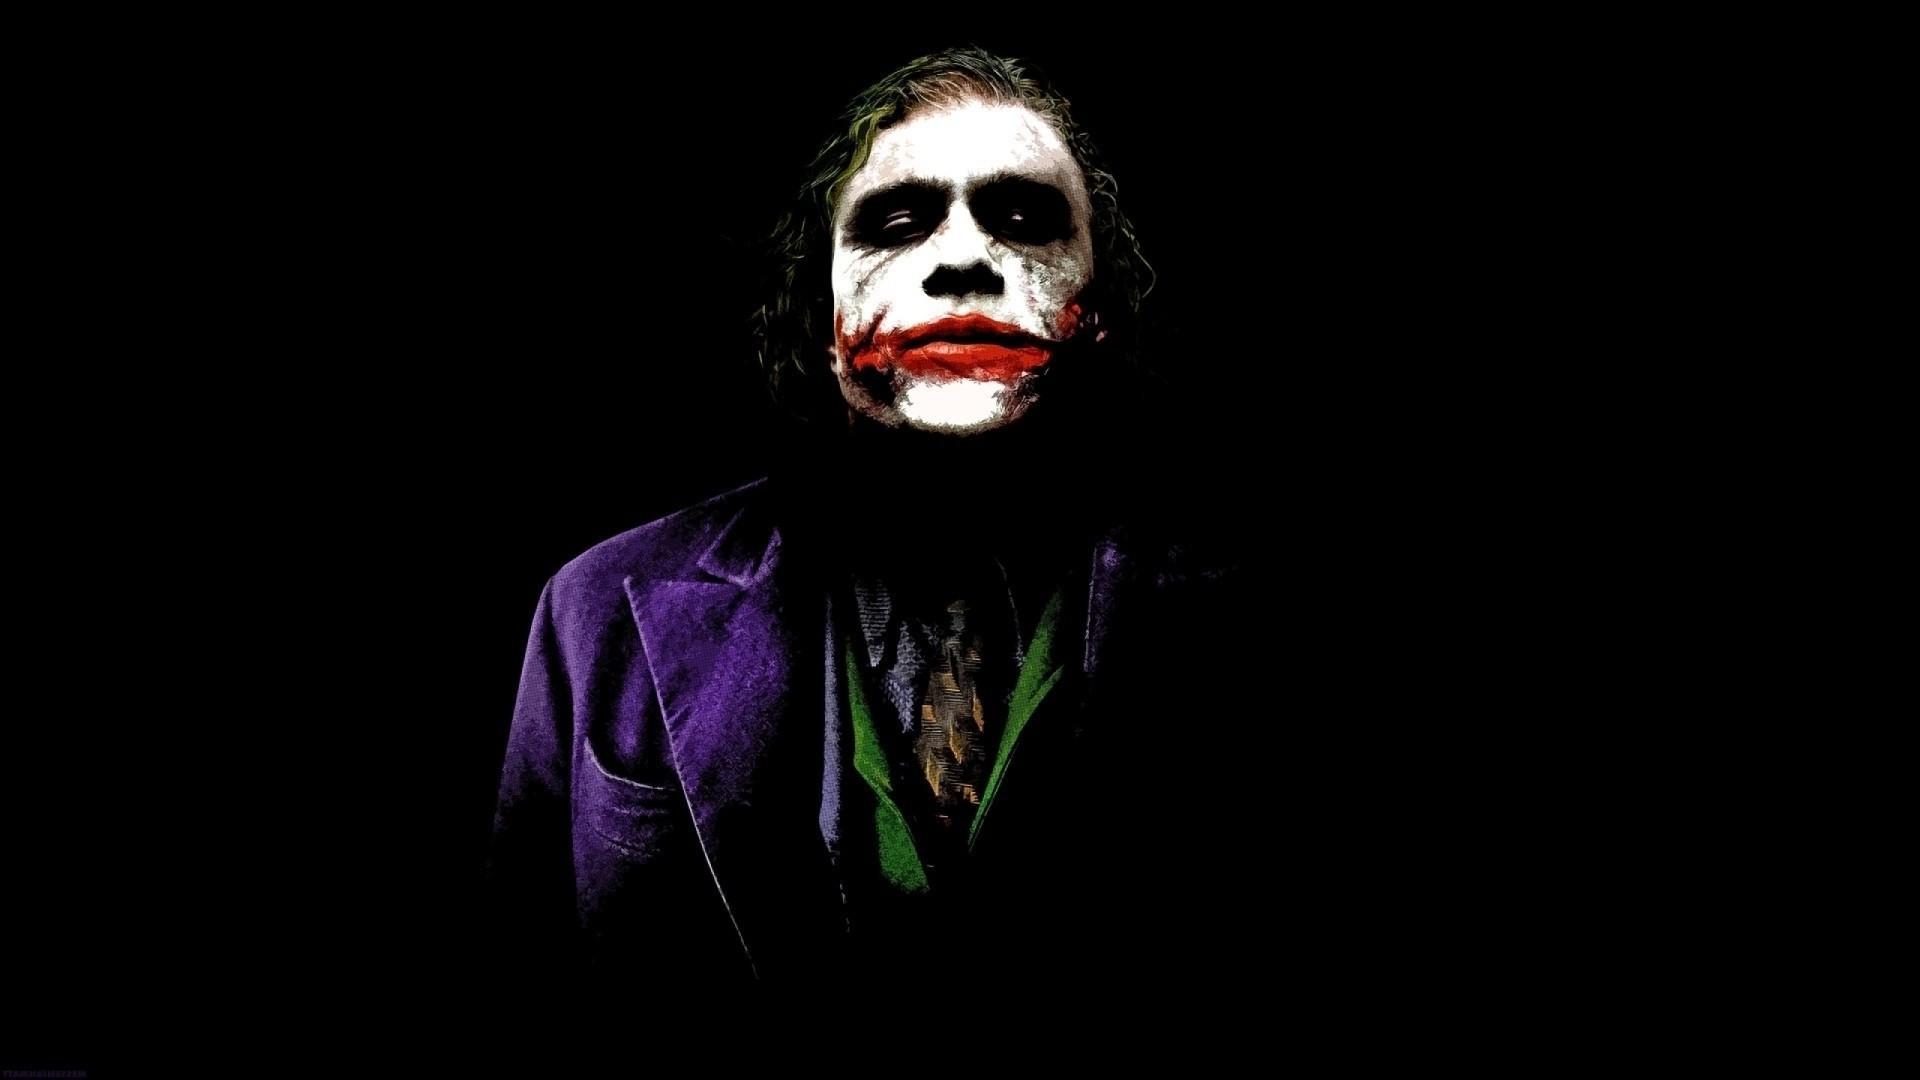 Heath Ledger Joker Wallpaper Hd Free Download